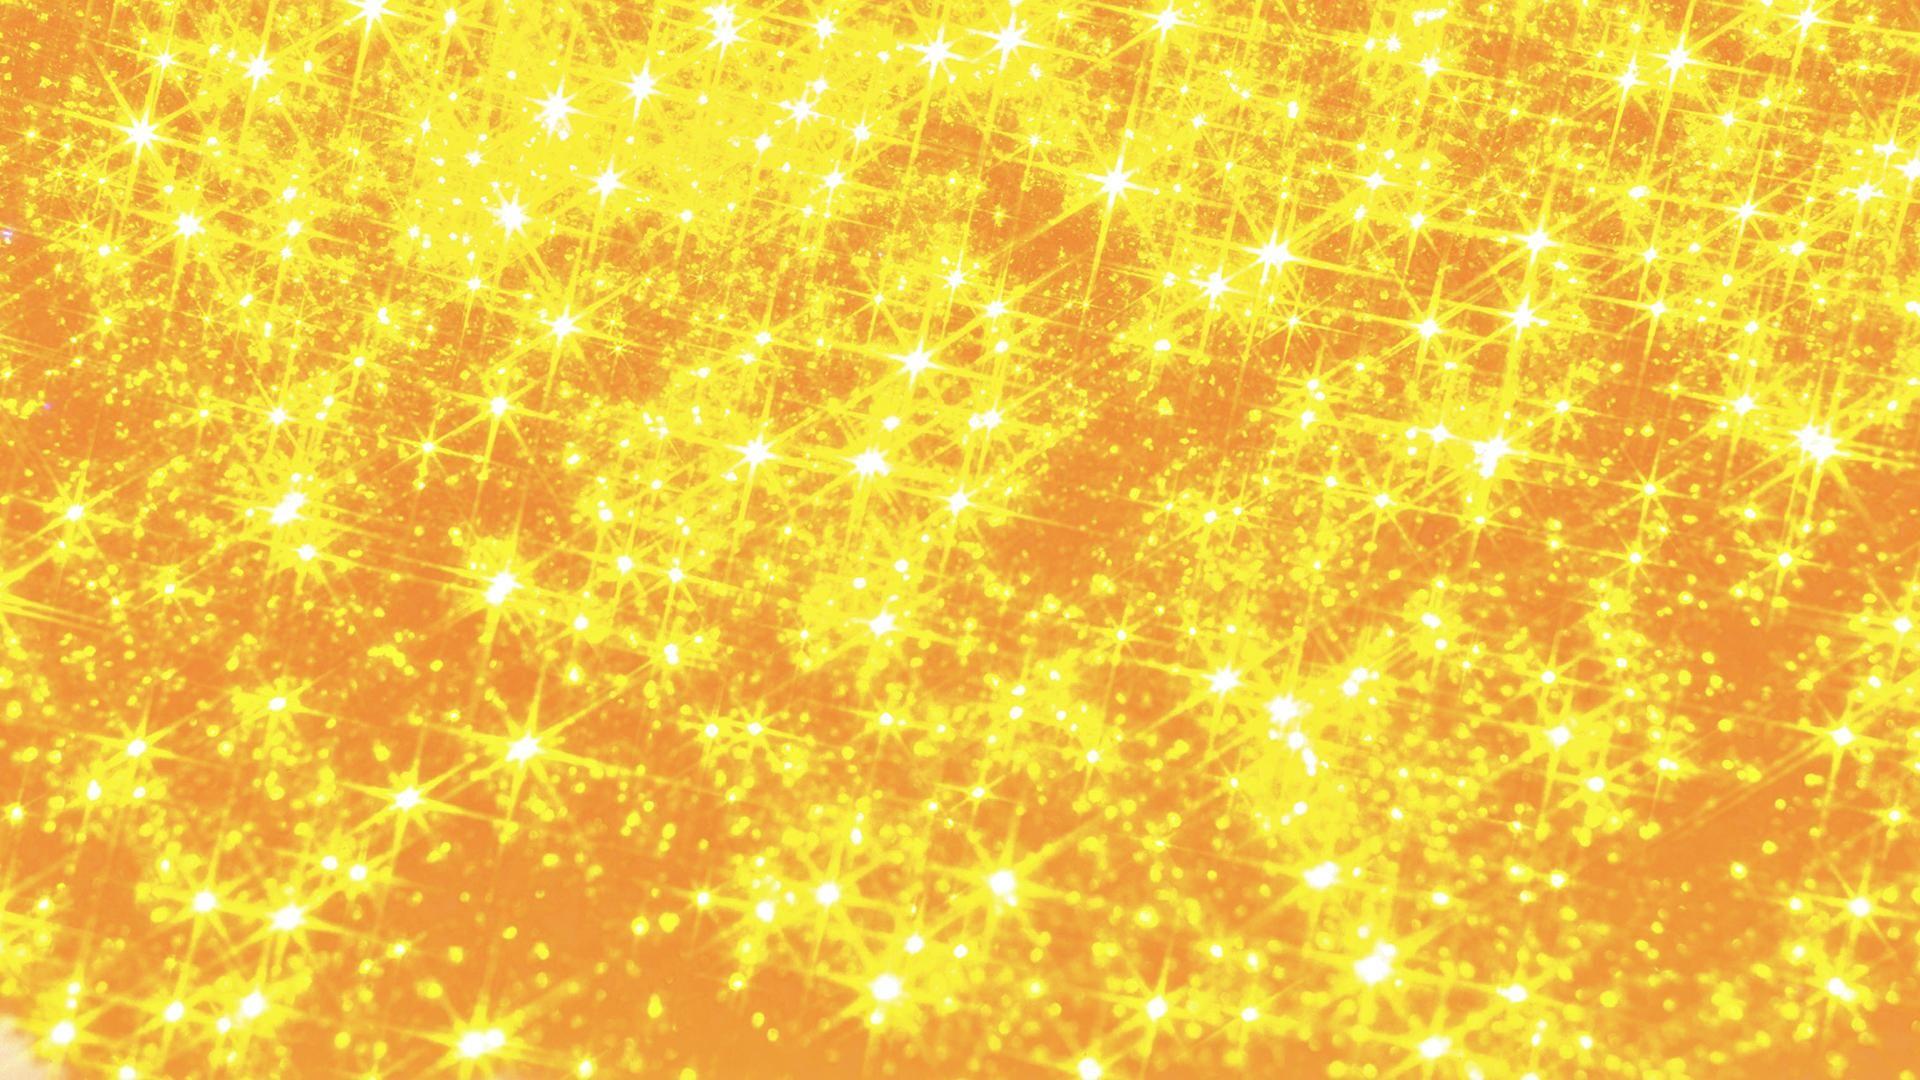 Fondos Vintage Amarillo Para Fondo De Pantalla En Hd 1 HD